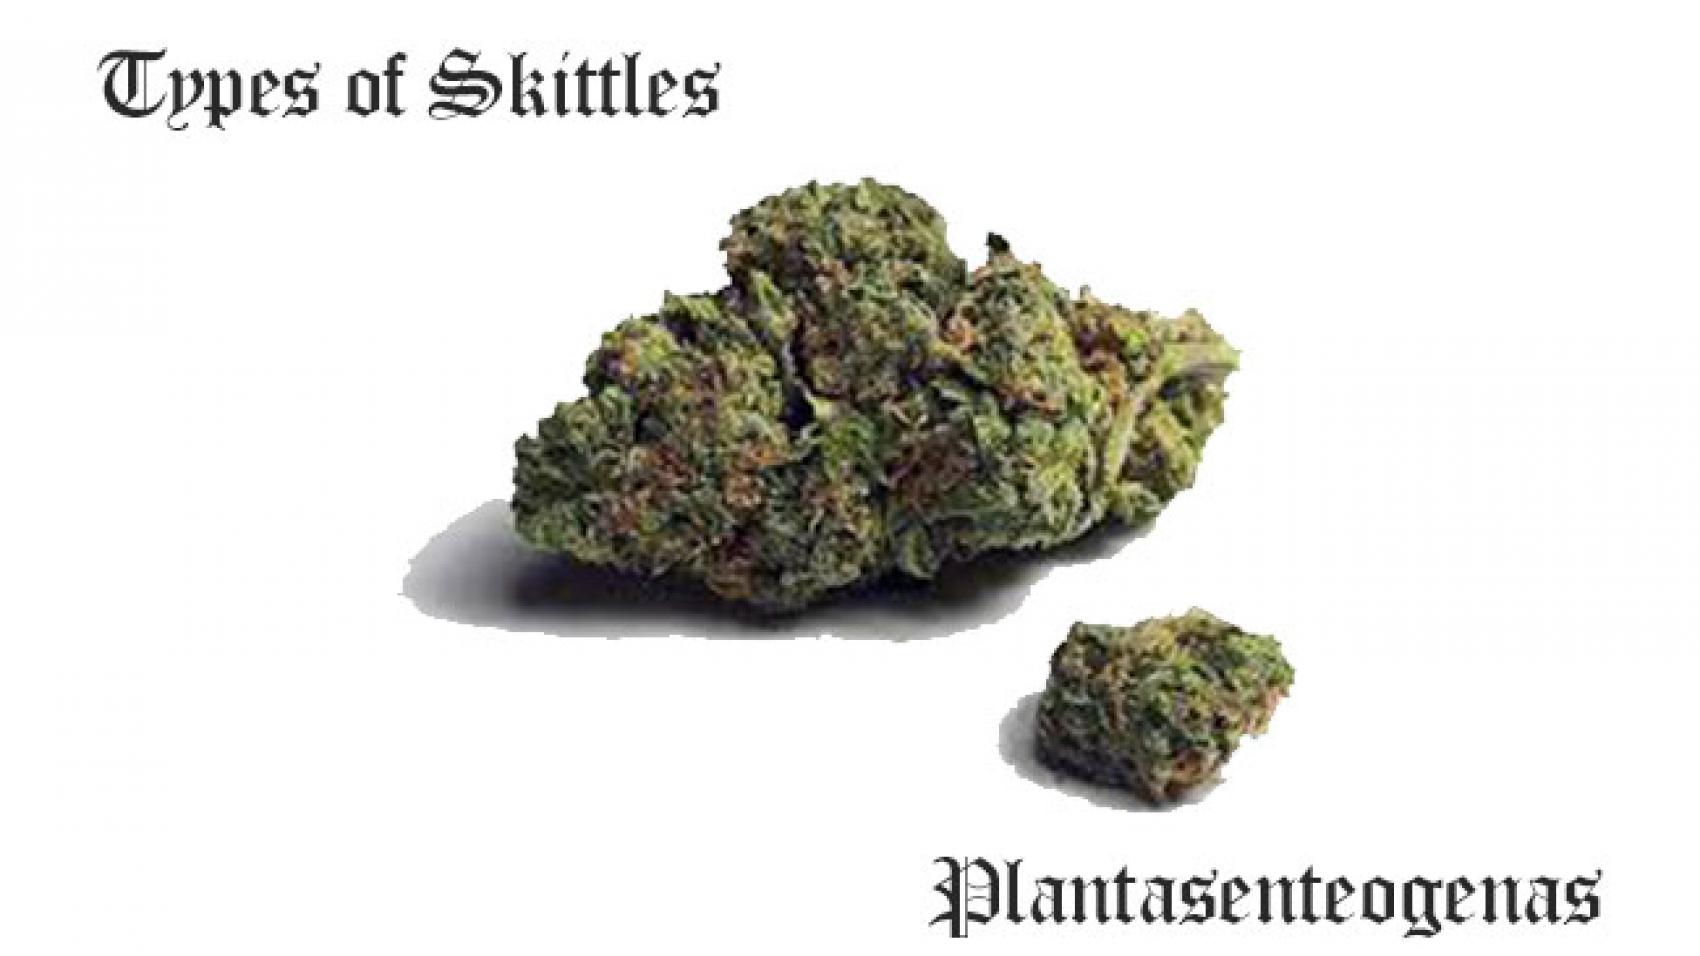 types of skittles